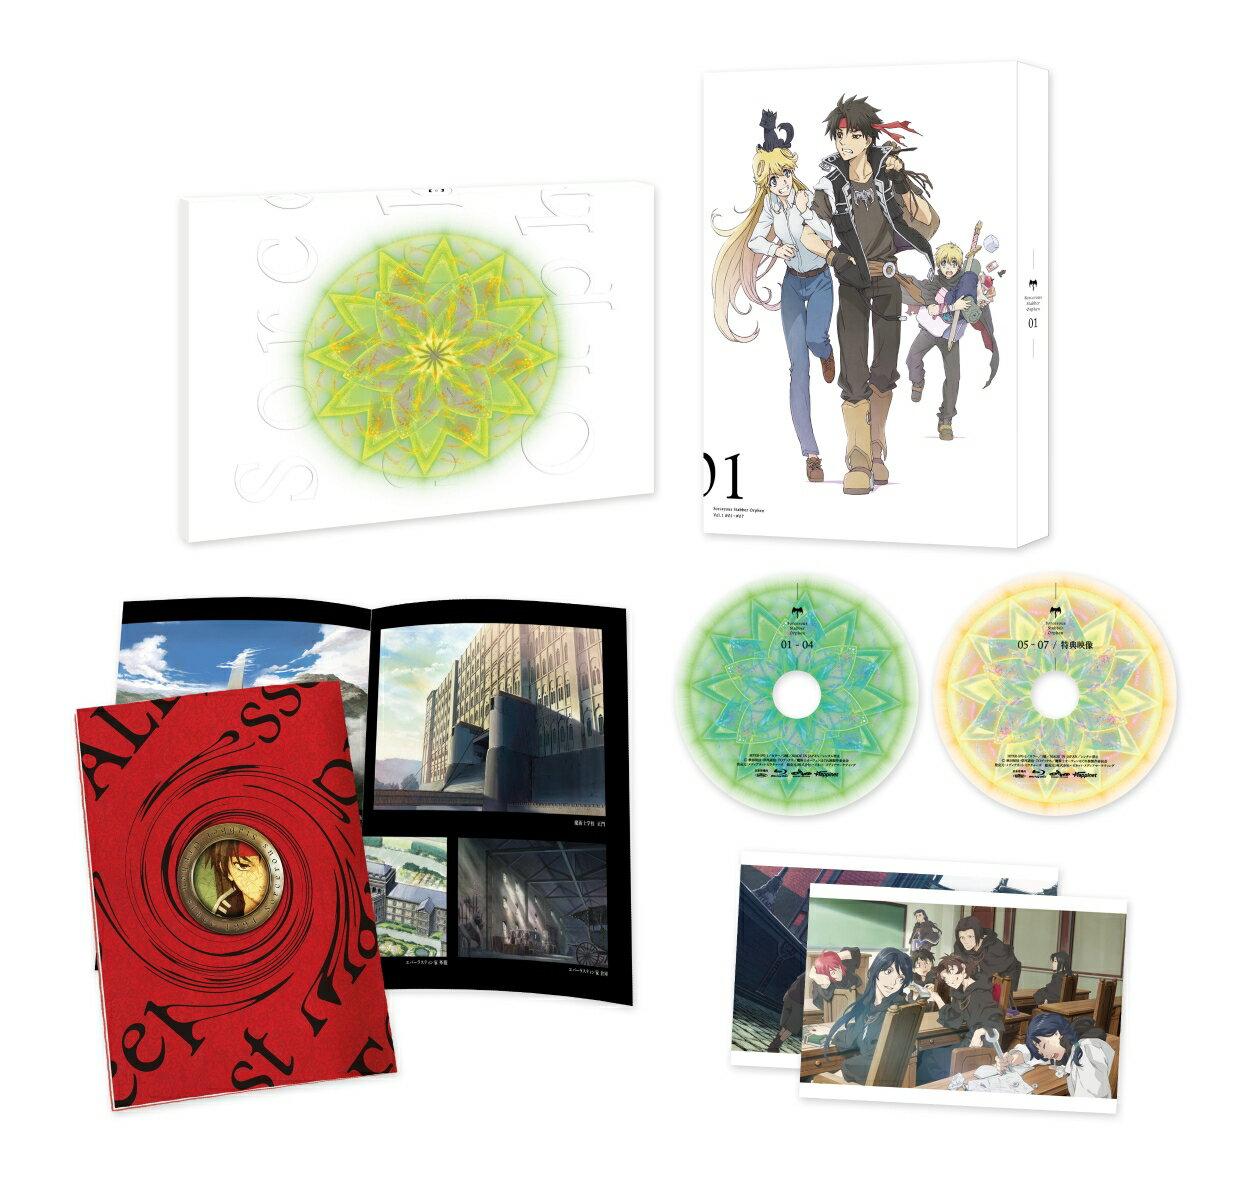 魔術士オーフェン はぐれ旅 Blu-ray BOX 1【Blu-ray】画像